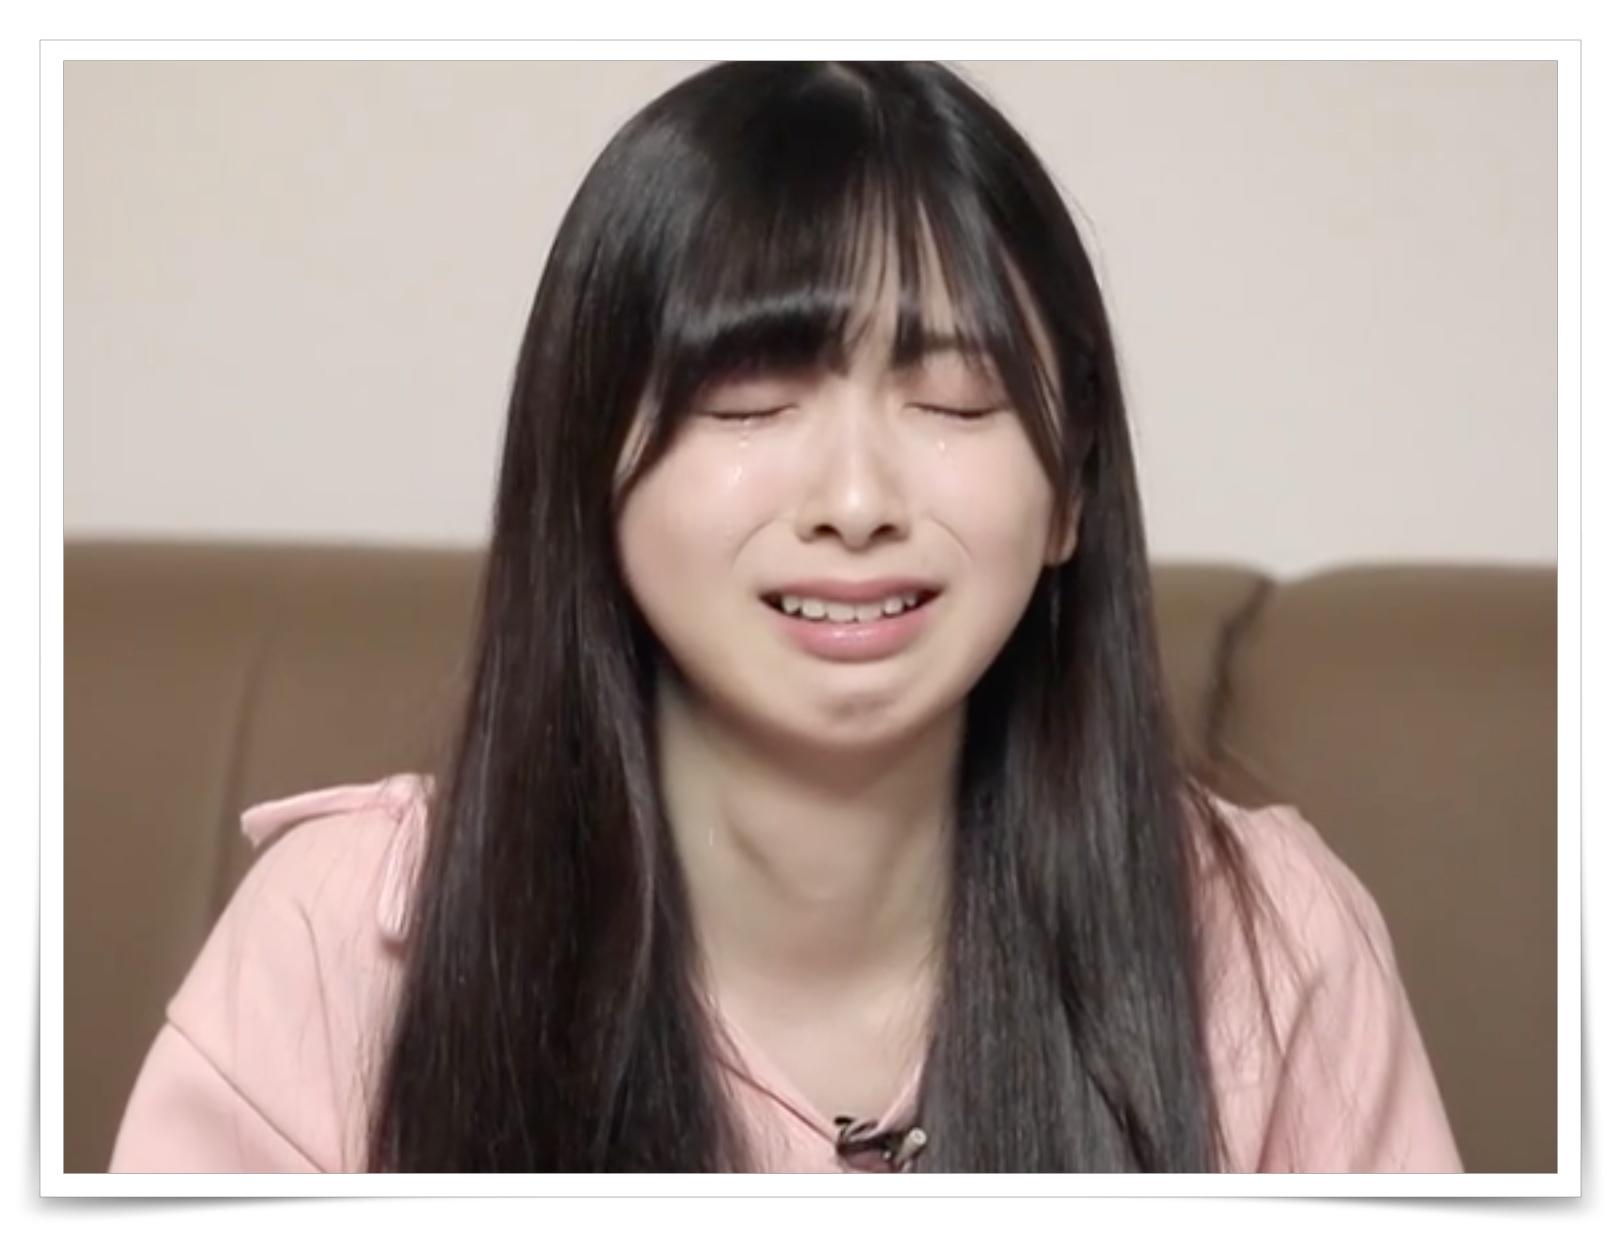 ミイヒの泣き顔の画像